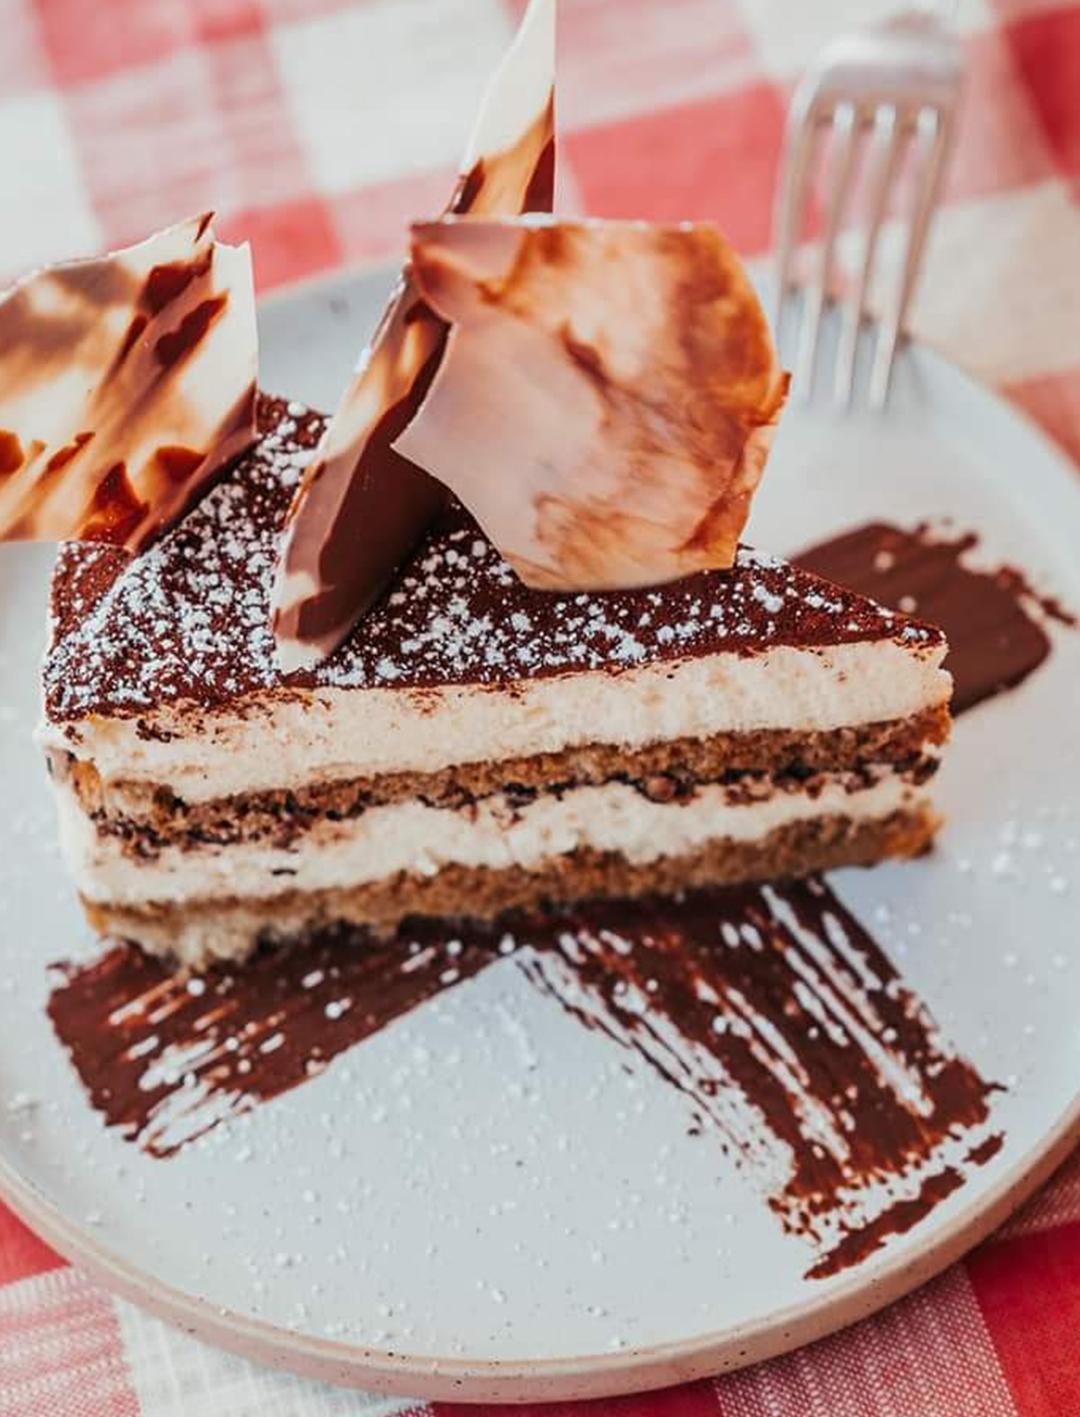 slice of tiramisu cake on plate